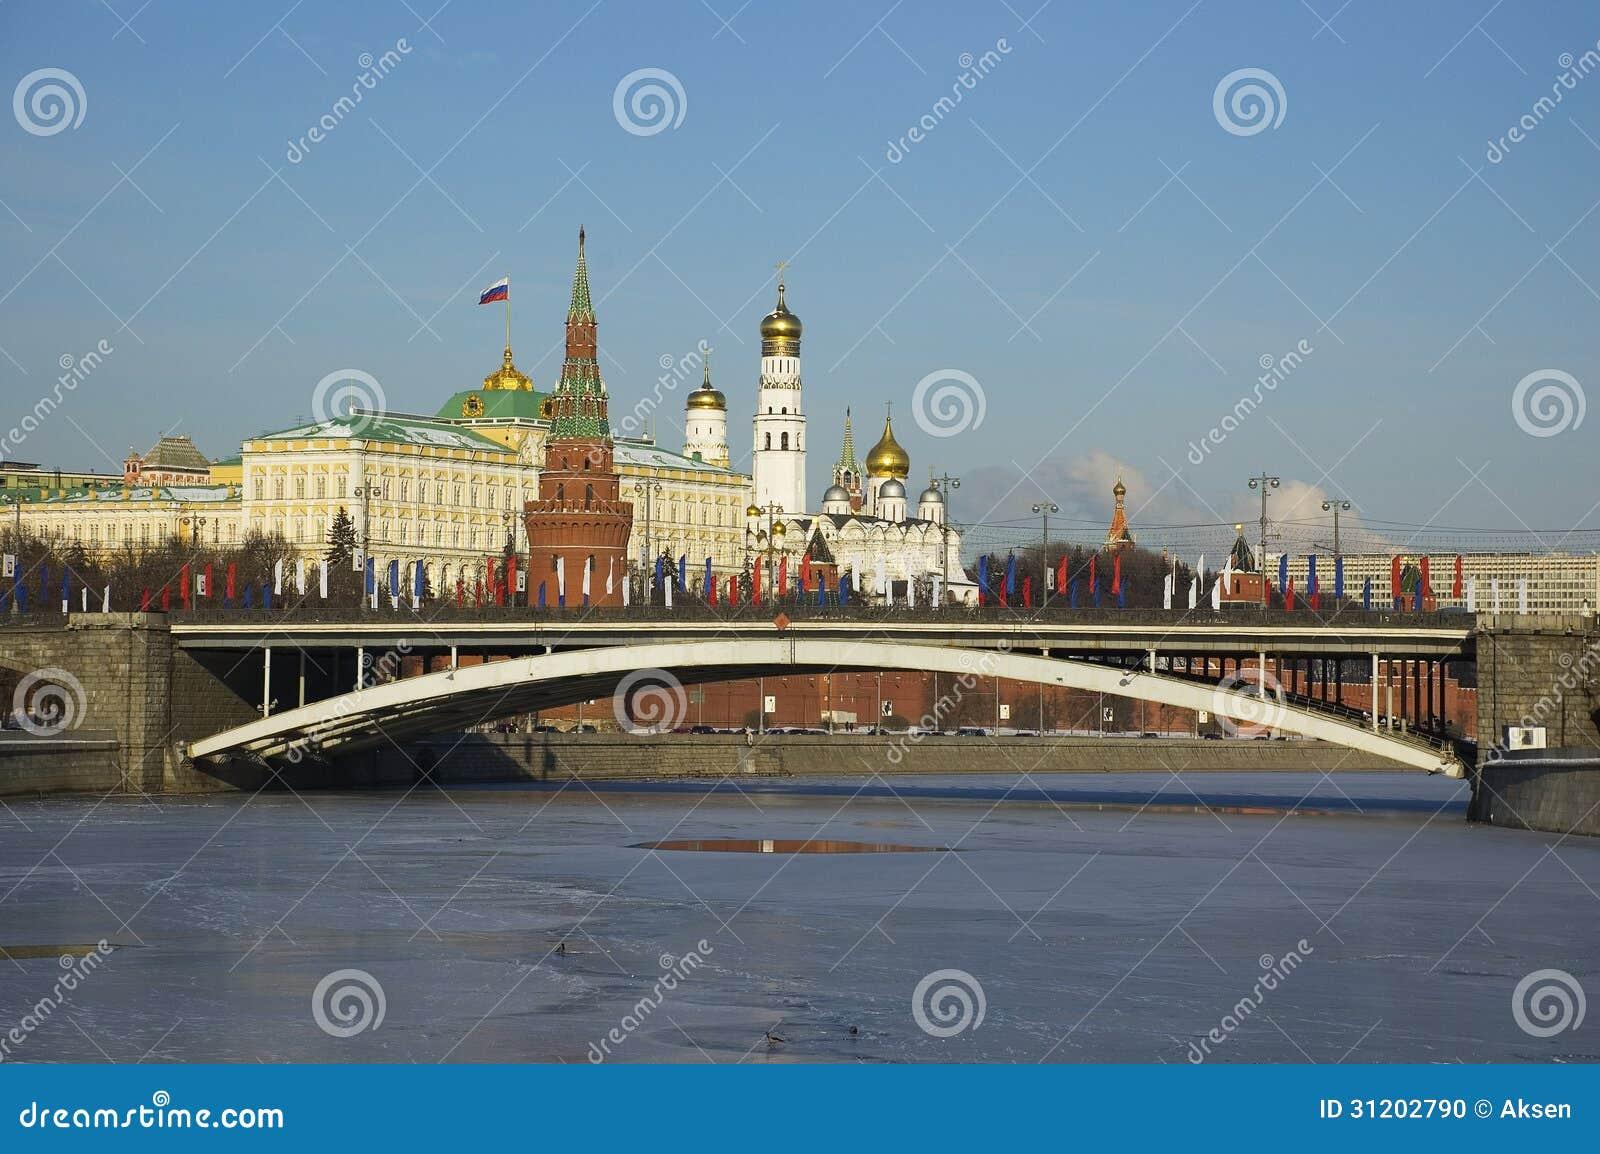 Liste de ponts de Russie Wikipdia